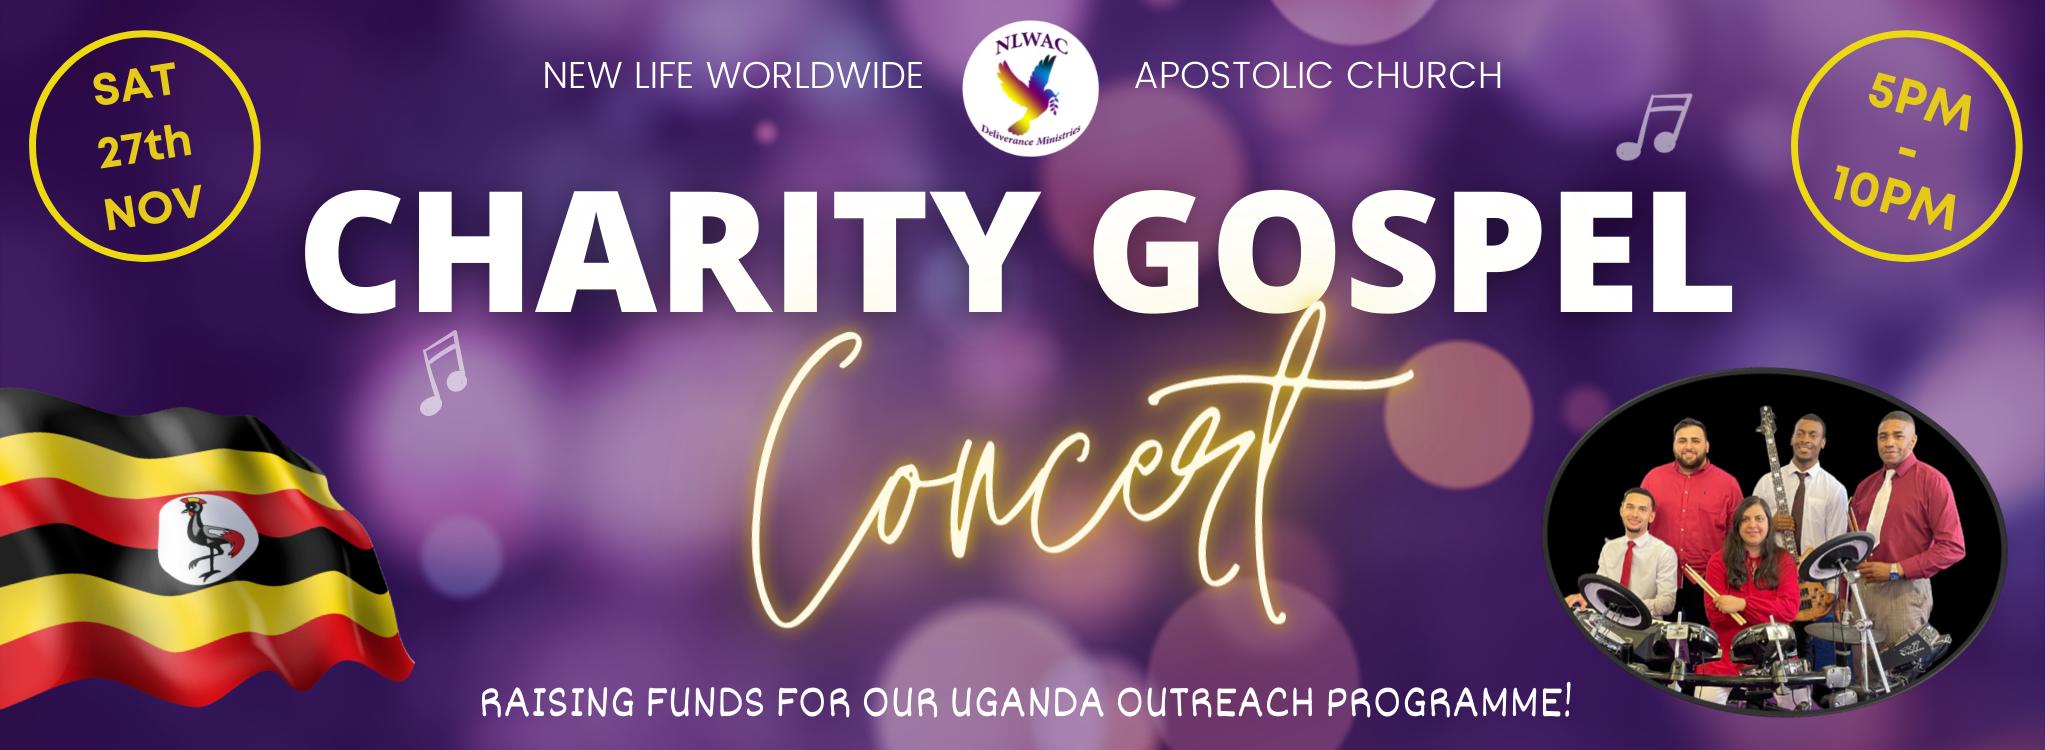 Charity Gospel Concert